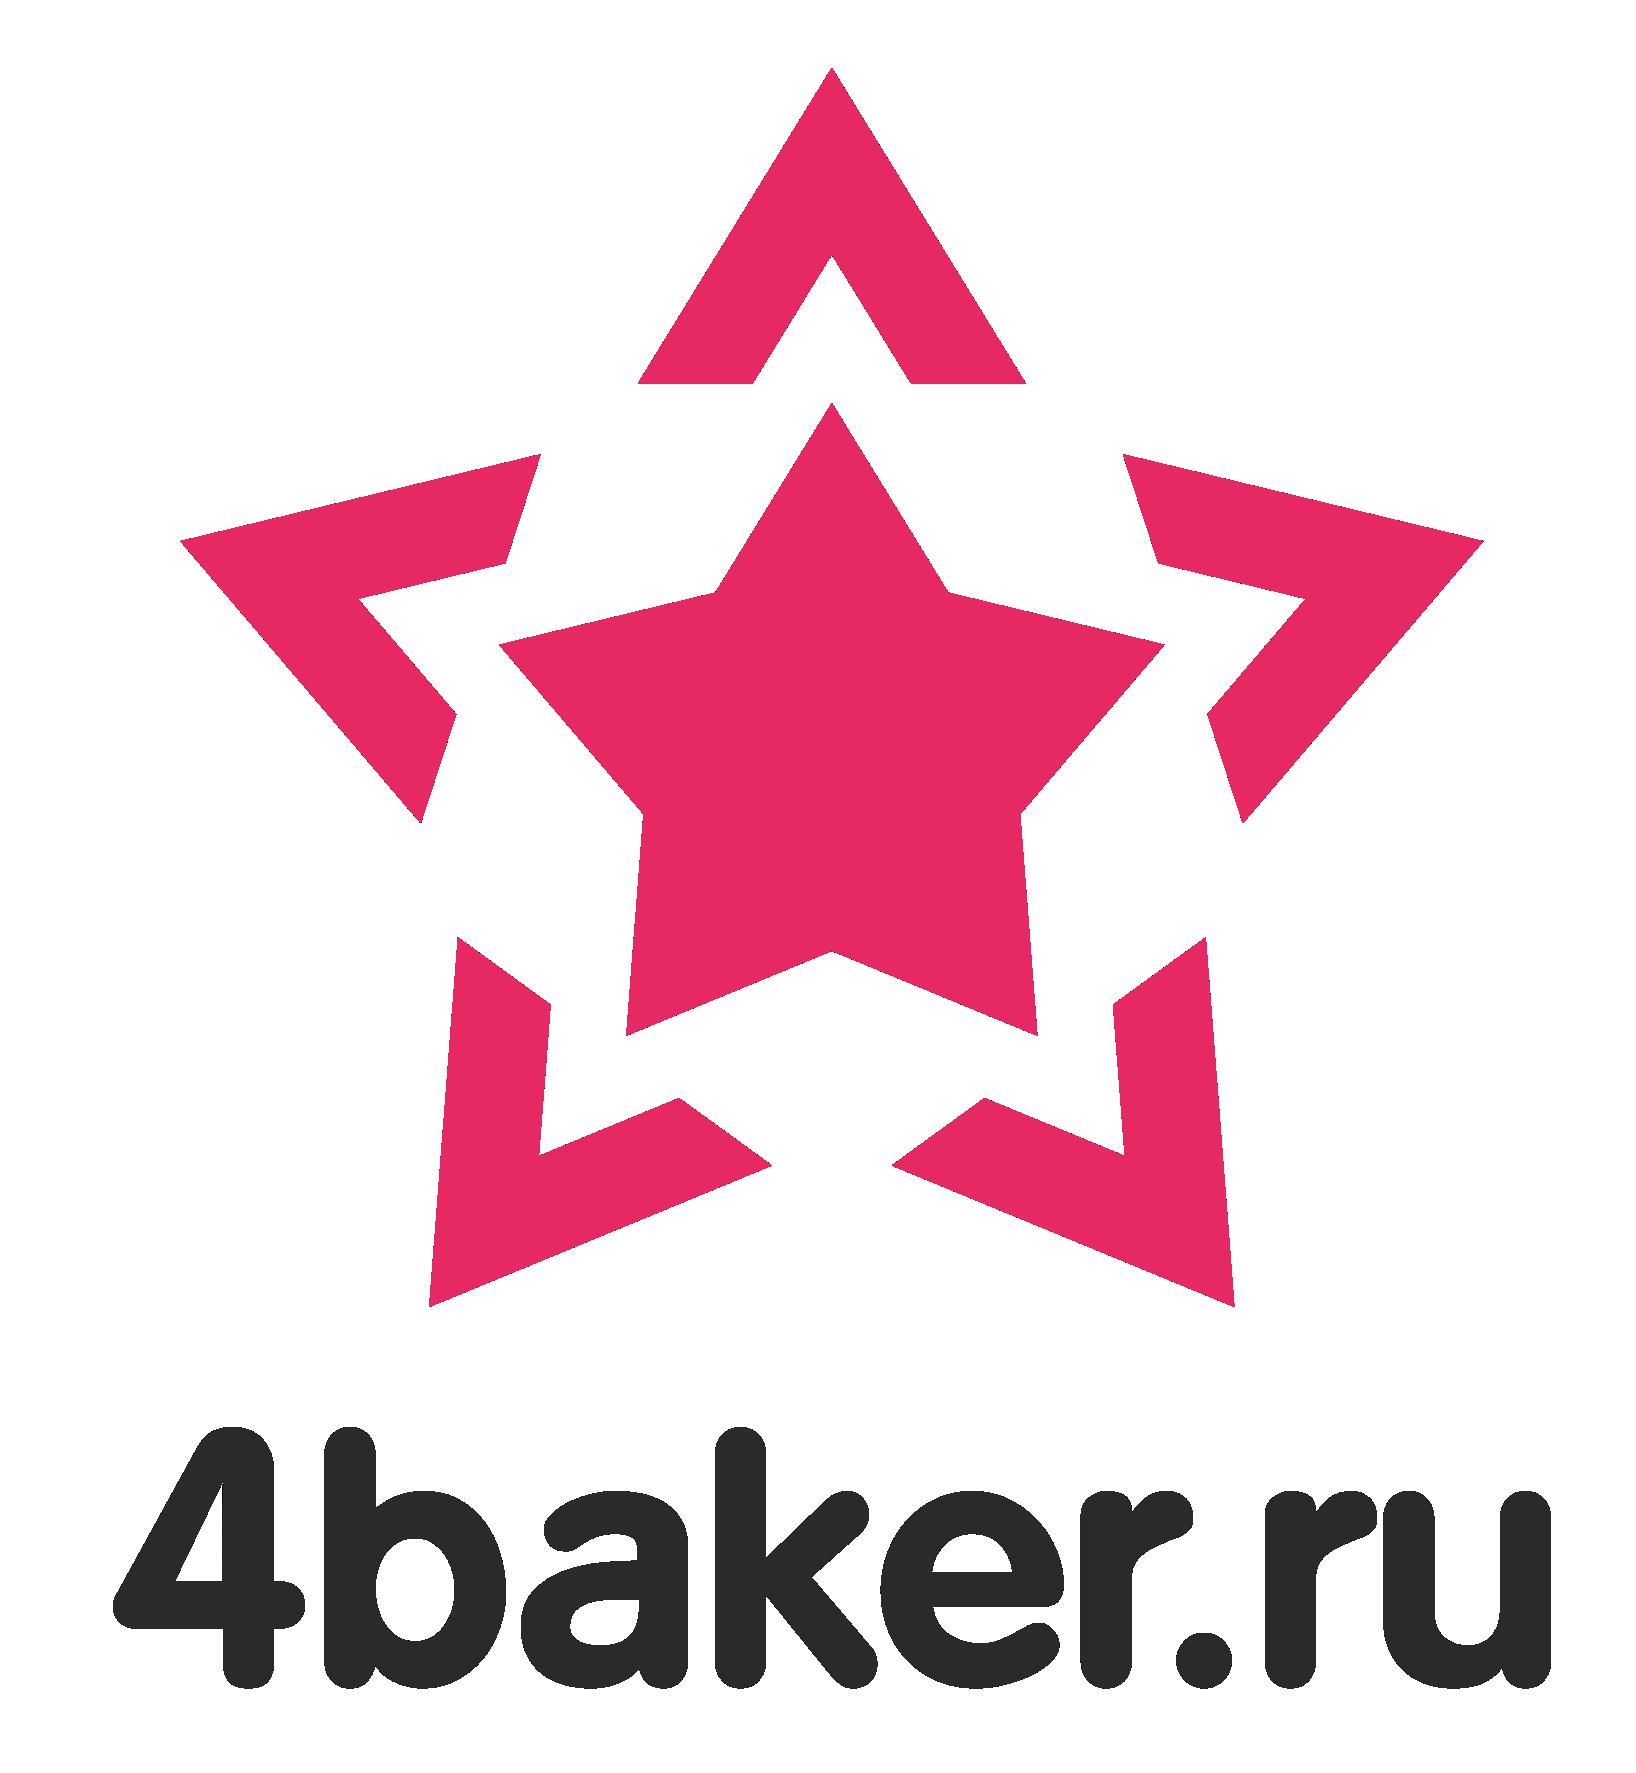 4Baker